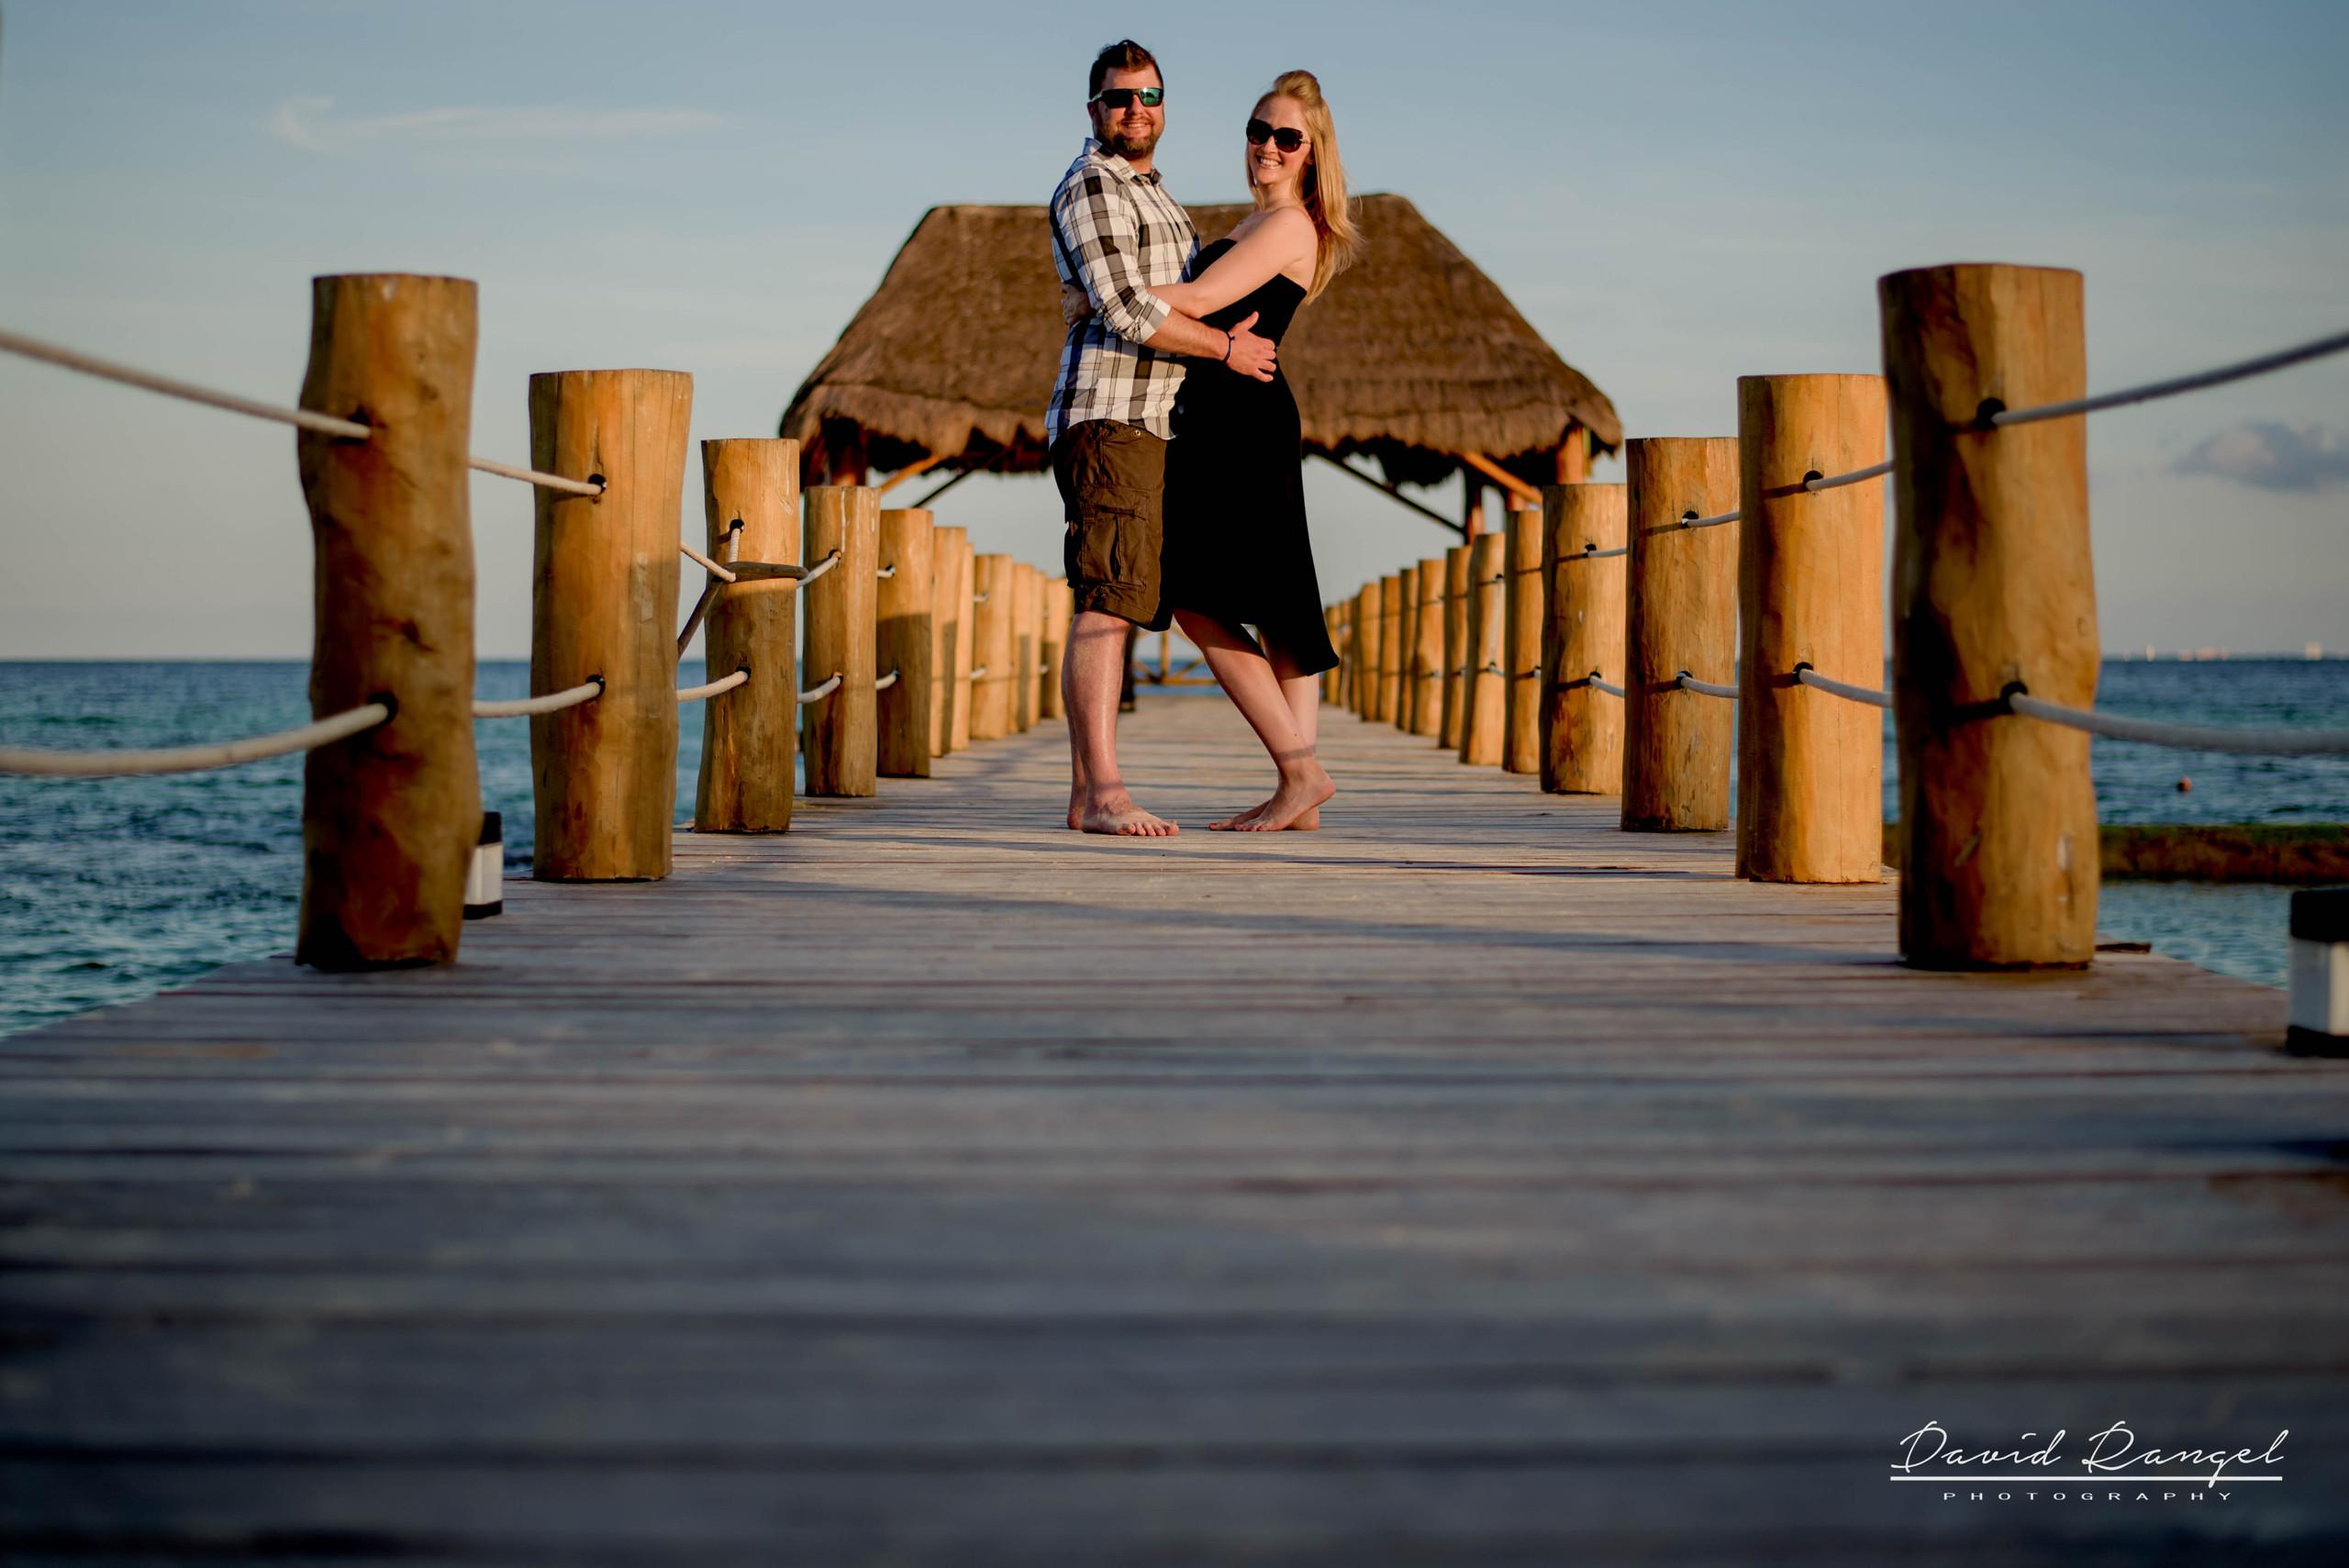 photos+in+the+pier